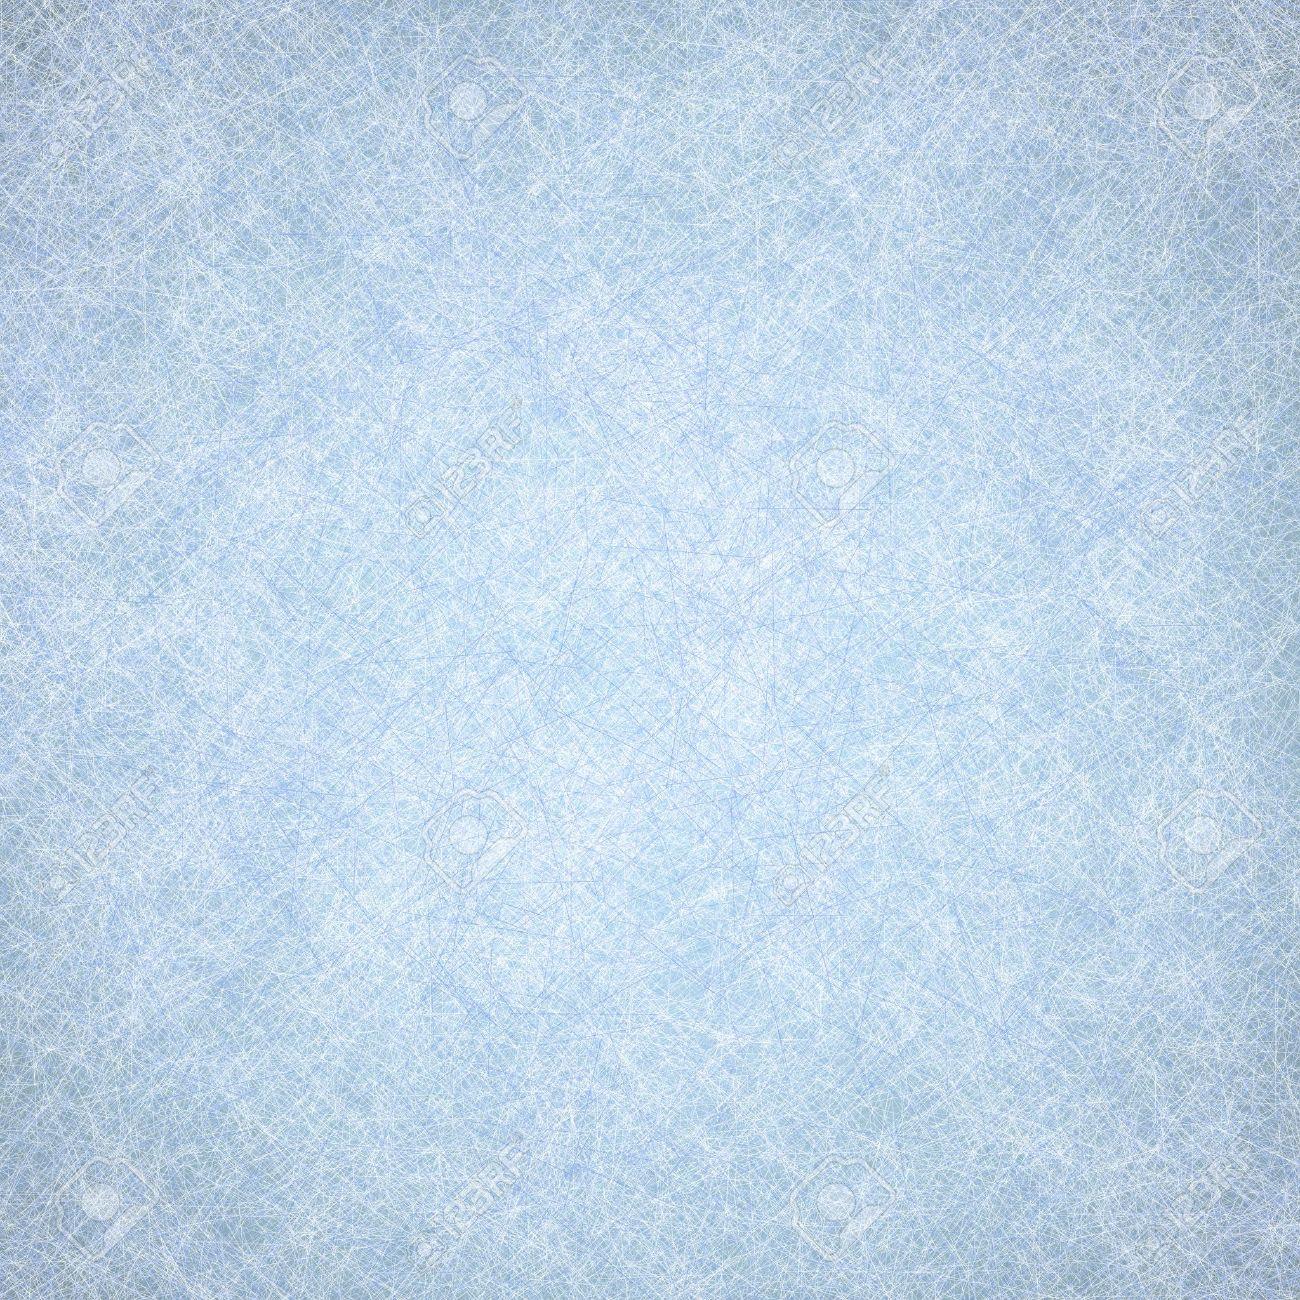 Solide Texture De Fond Bleu Ciel Pastel Couleur Bleu Clair Et Fané